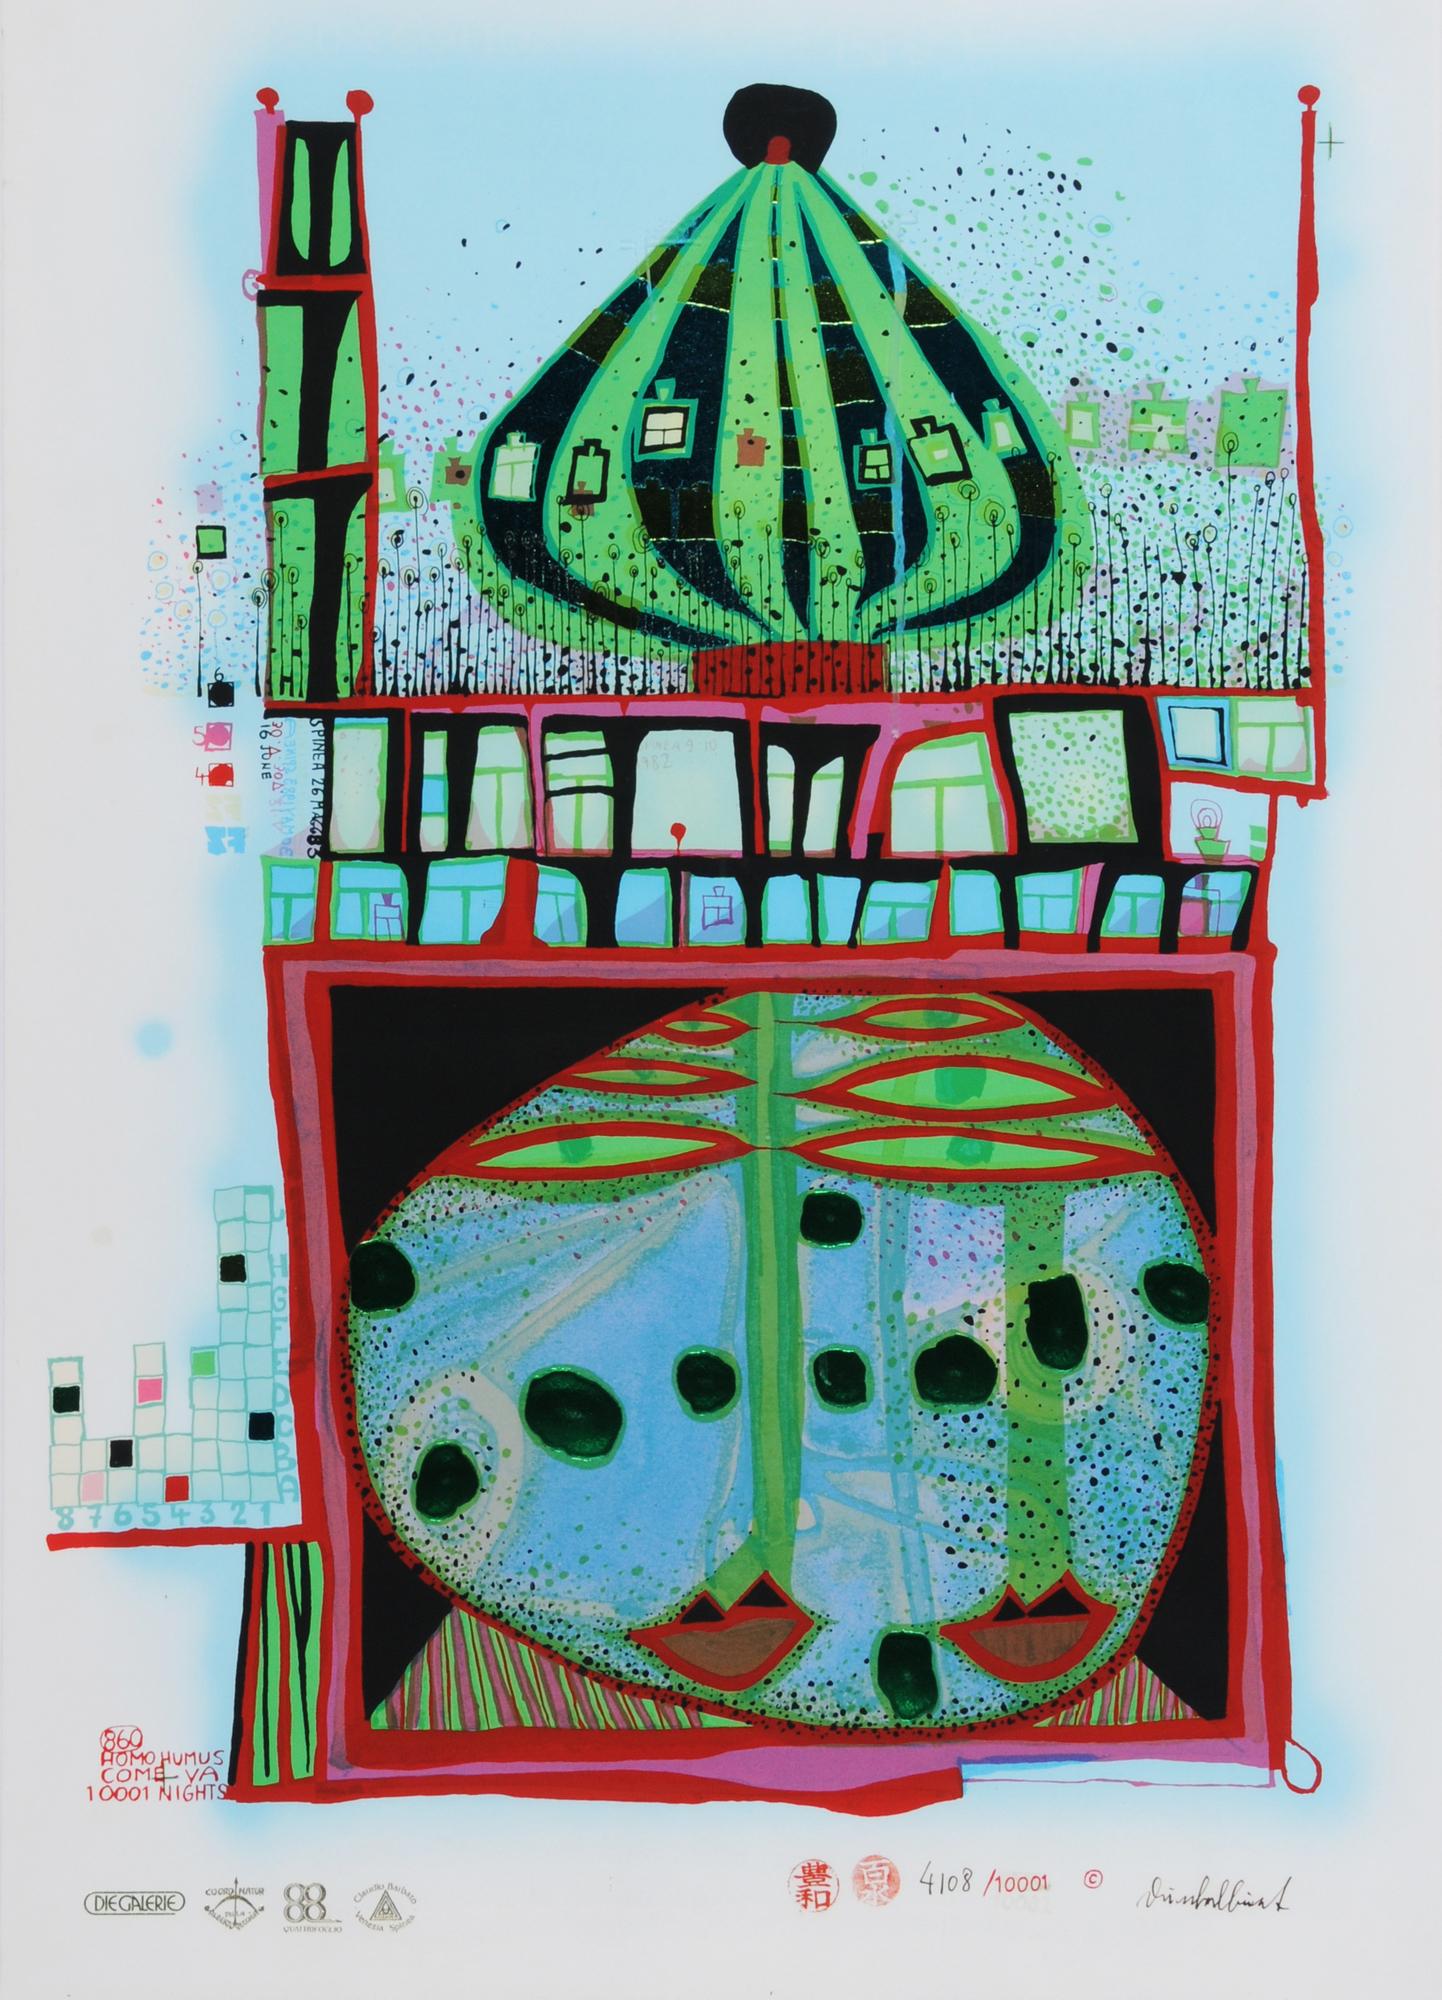 Hundertwasser Friedensreich, 10002 nights Homo Humus come va how do you do